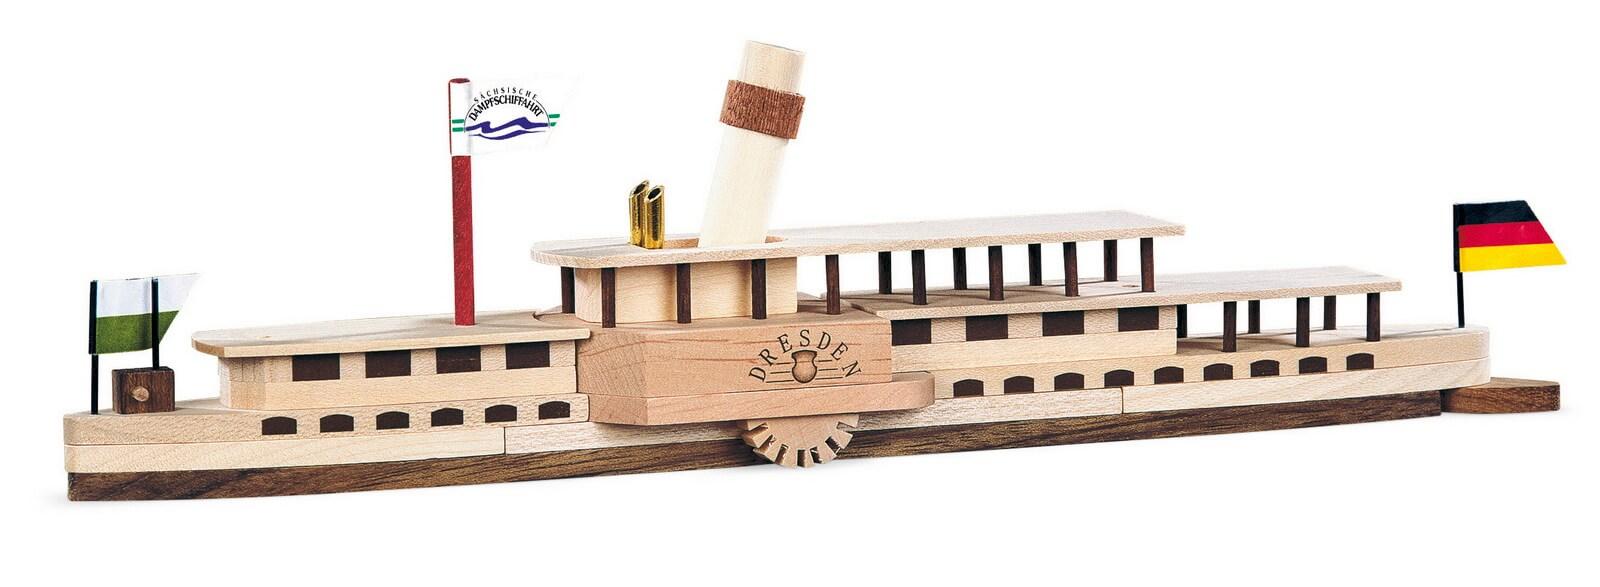 Naturholzbausatz Elbdampfschiff Dresden von Müller Kleinkunst aus Seiffen